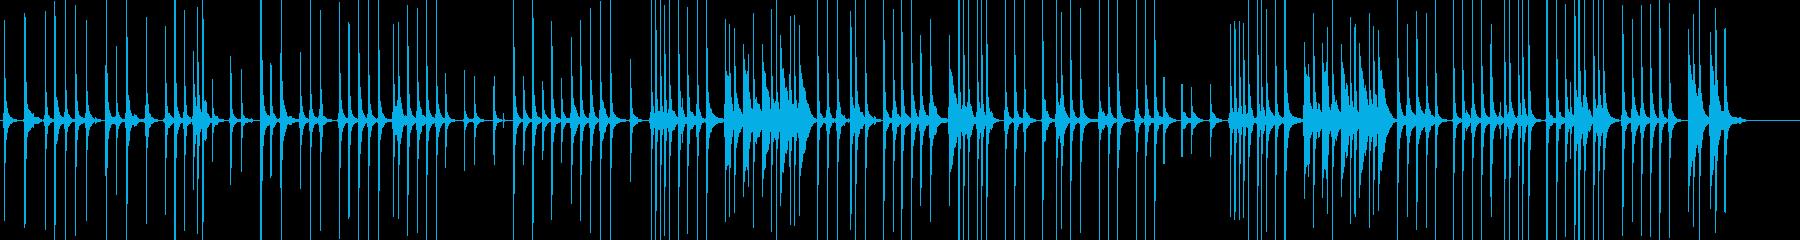 三味線83鷺娘15袖傘や生音歌舞伎妖怪鷺の再生済みの波形